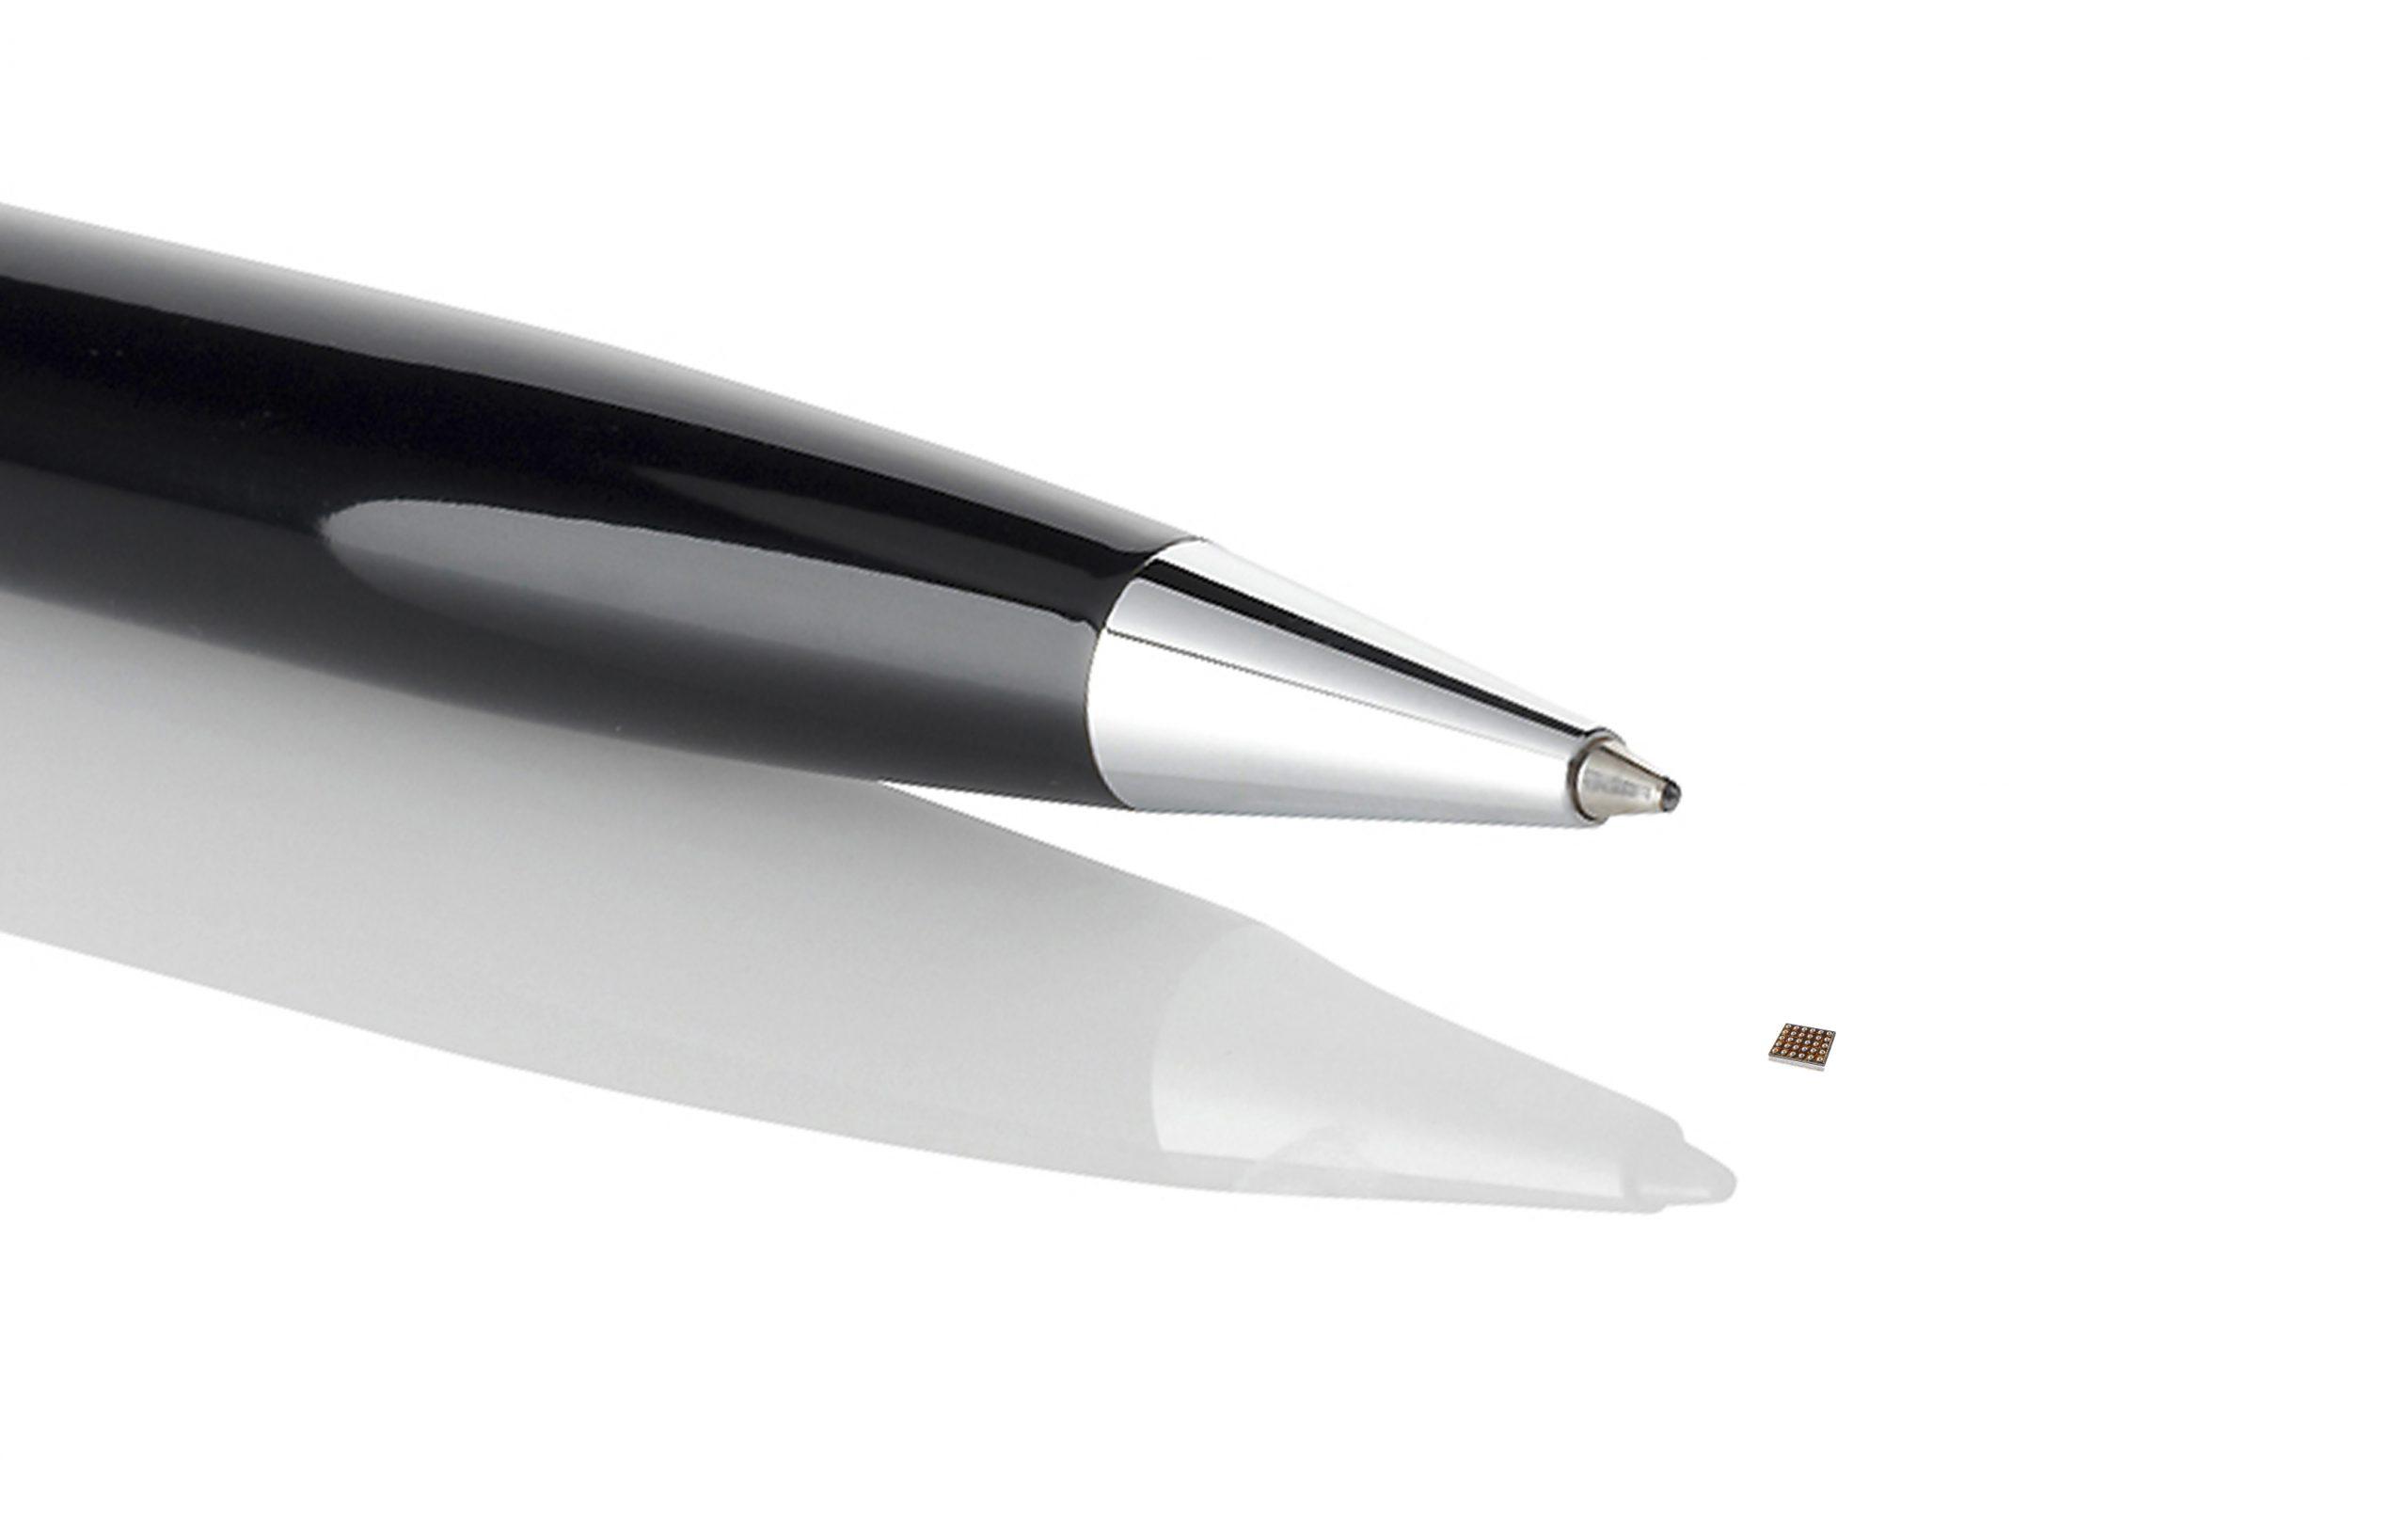 שבב של די אס פי גי ליד עט--קרדיט די אס פי גי